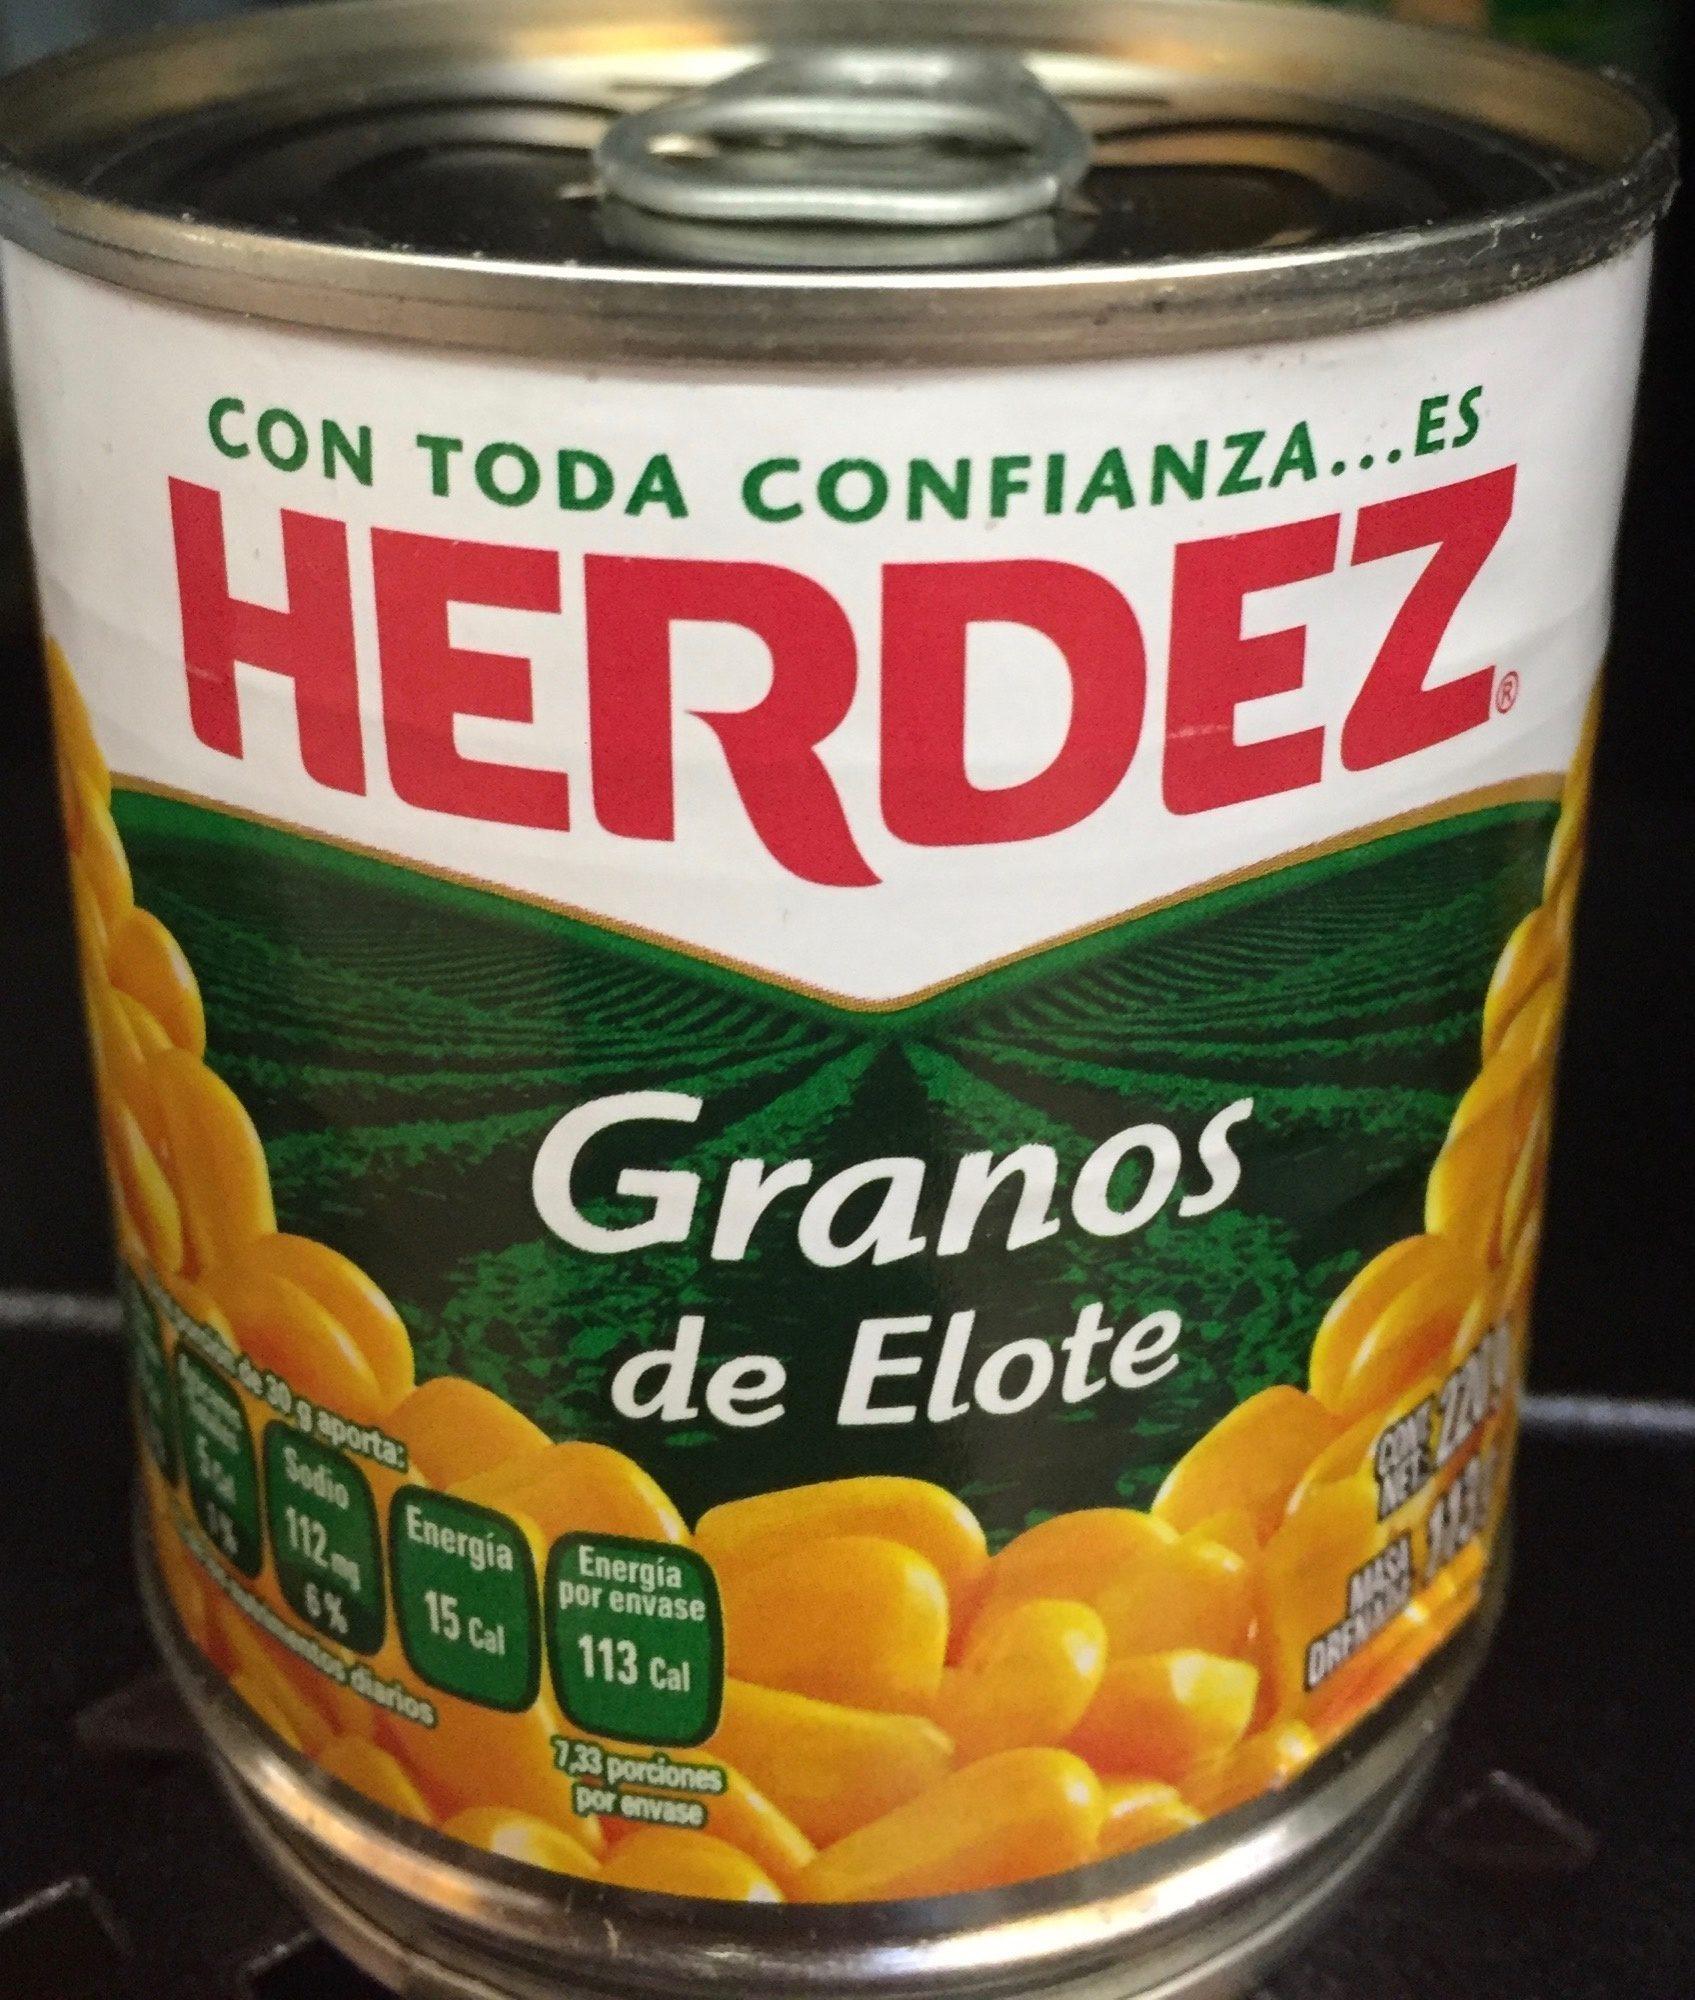 Granos de elote Herdez - Product